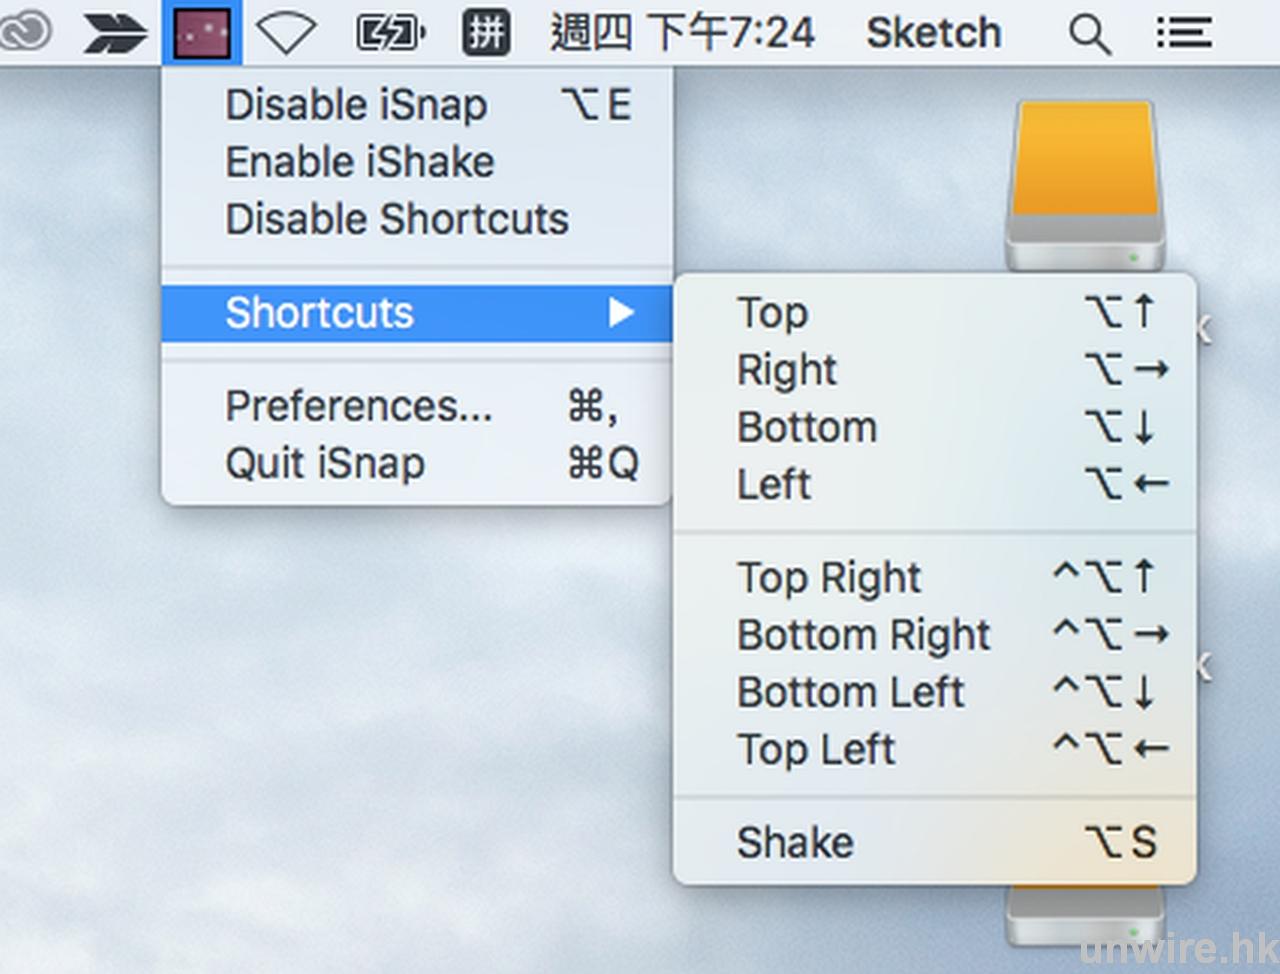 【unwire 小技巧】 PC 轉 Mac 機唔慣? 5 招 Mac 機 「Windows 化」 | 香港 UNWIRE.HK 玩生活.樂科技